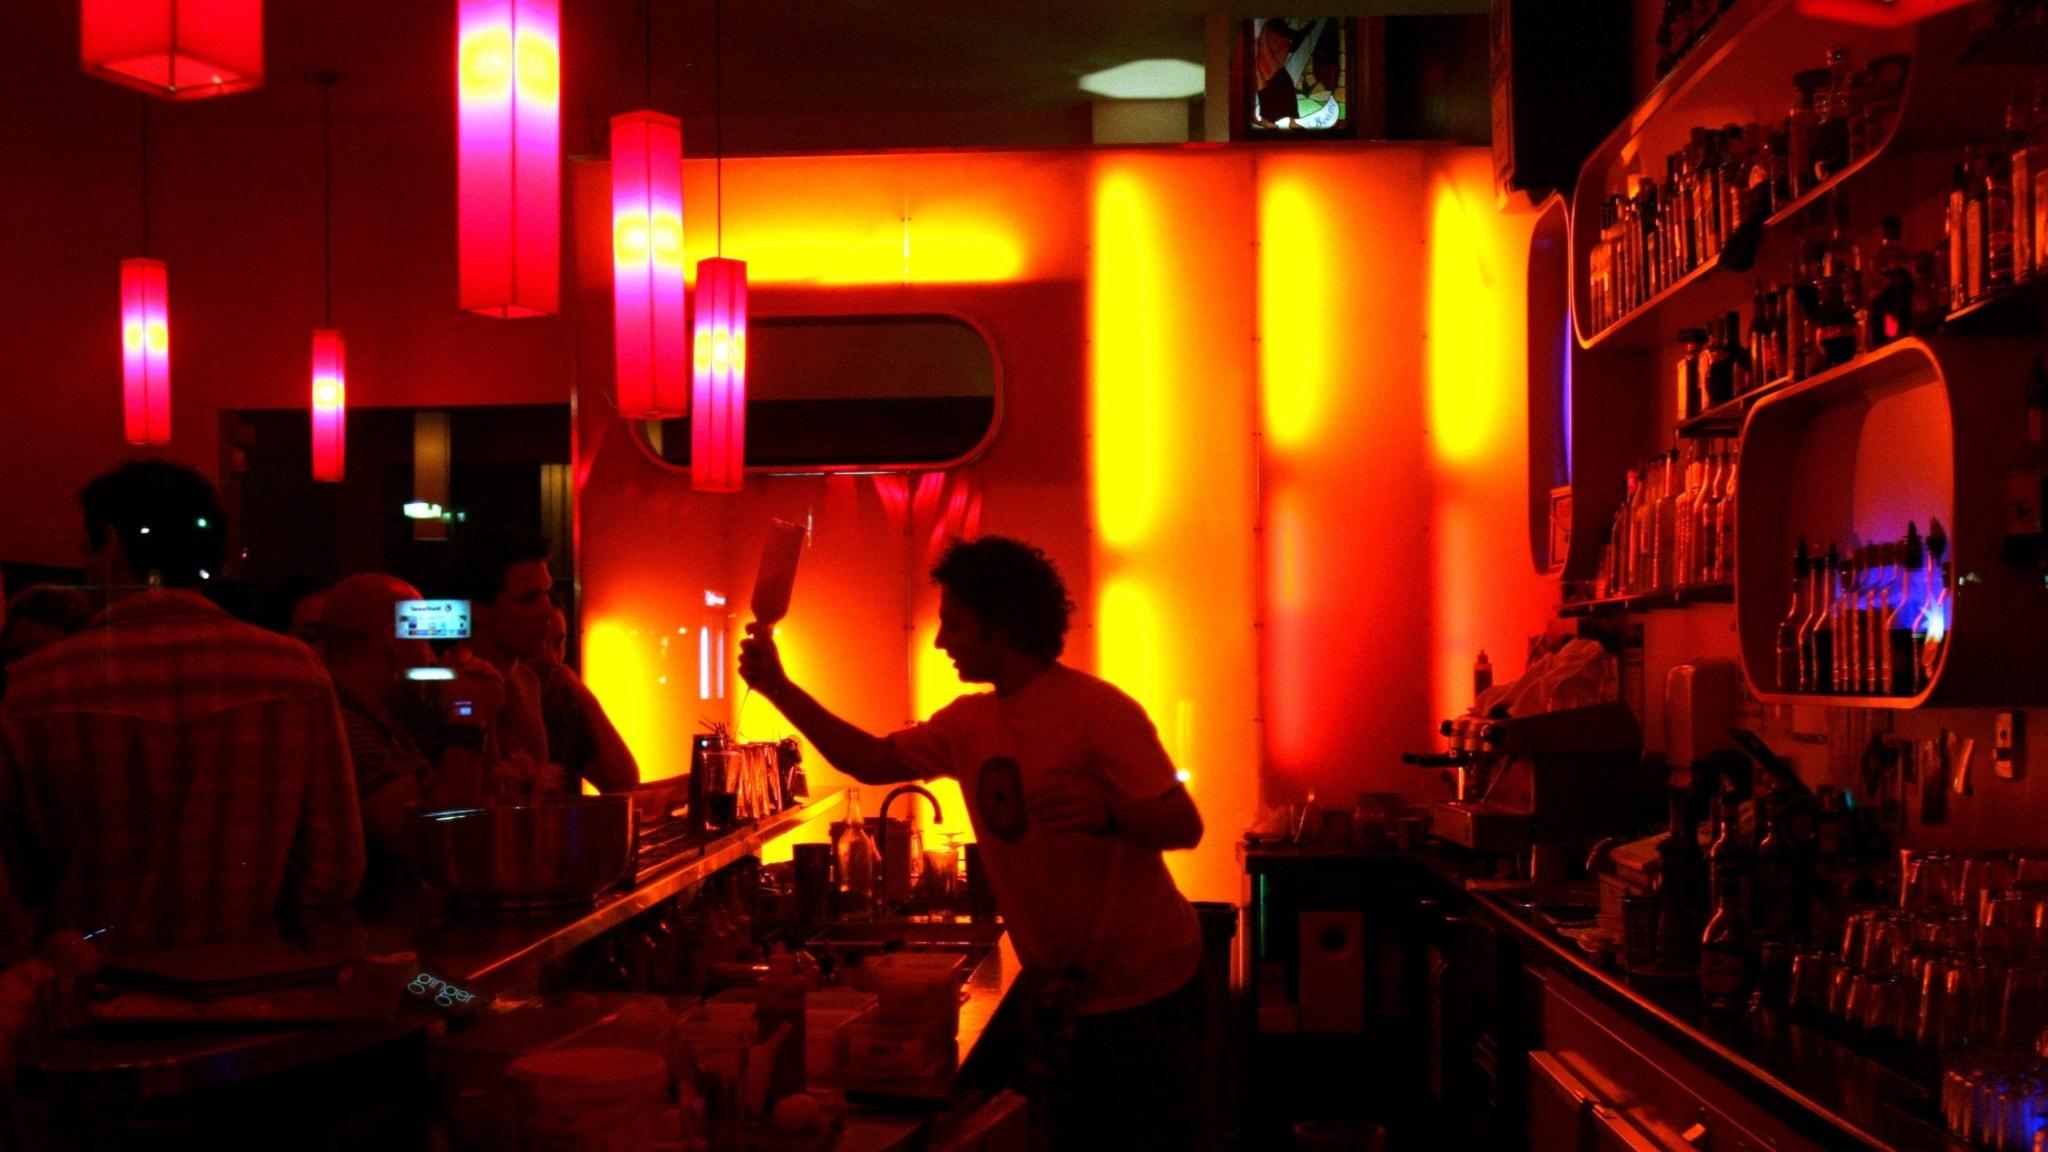 En bardisk i kvällsbelysning